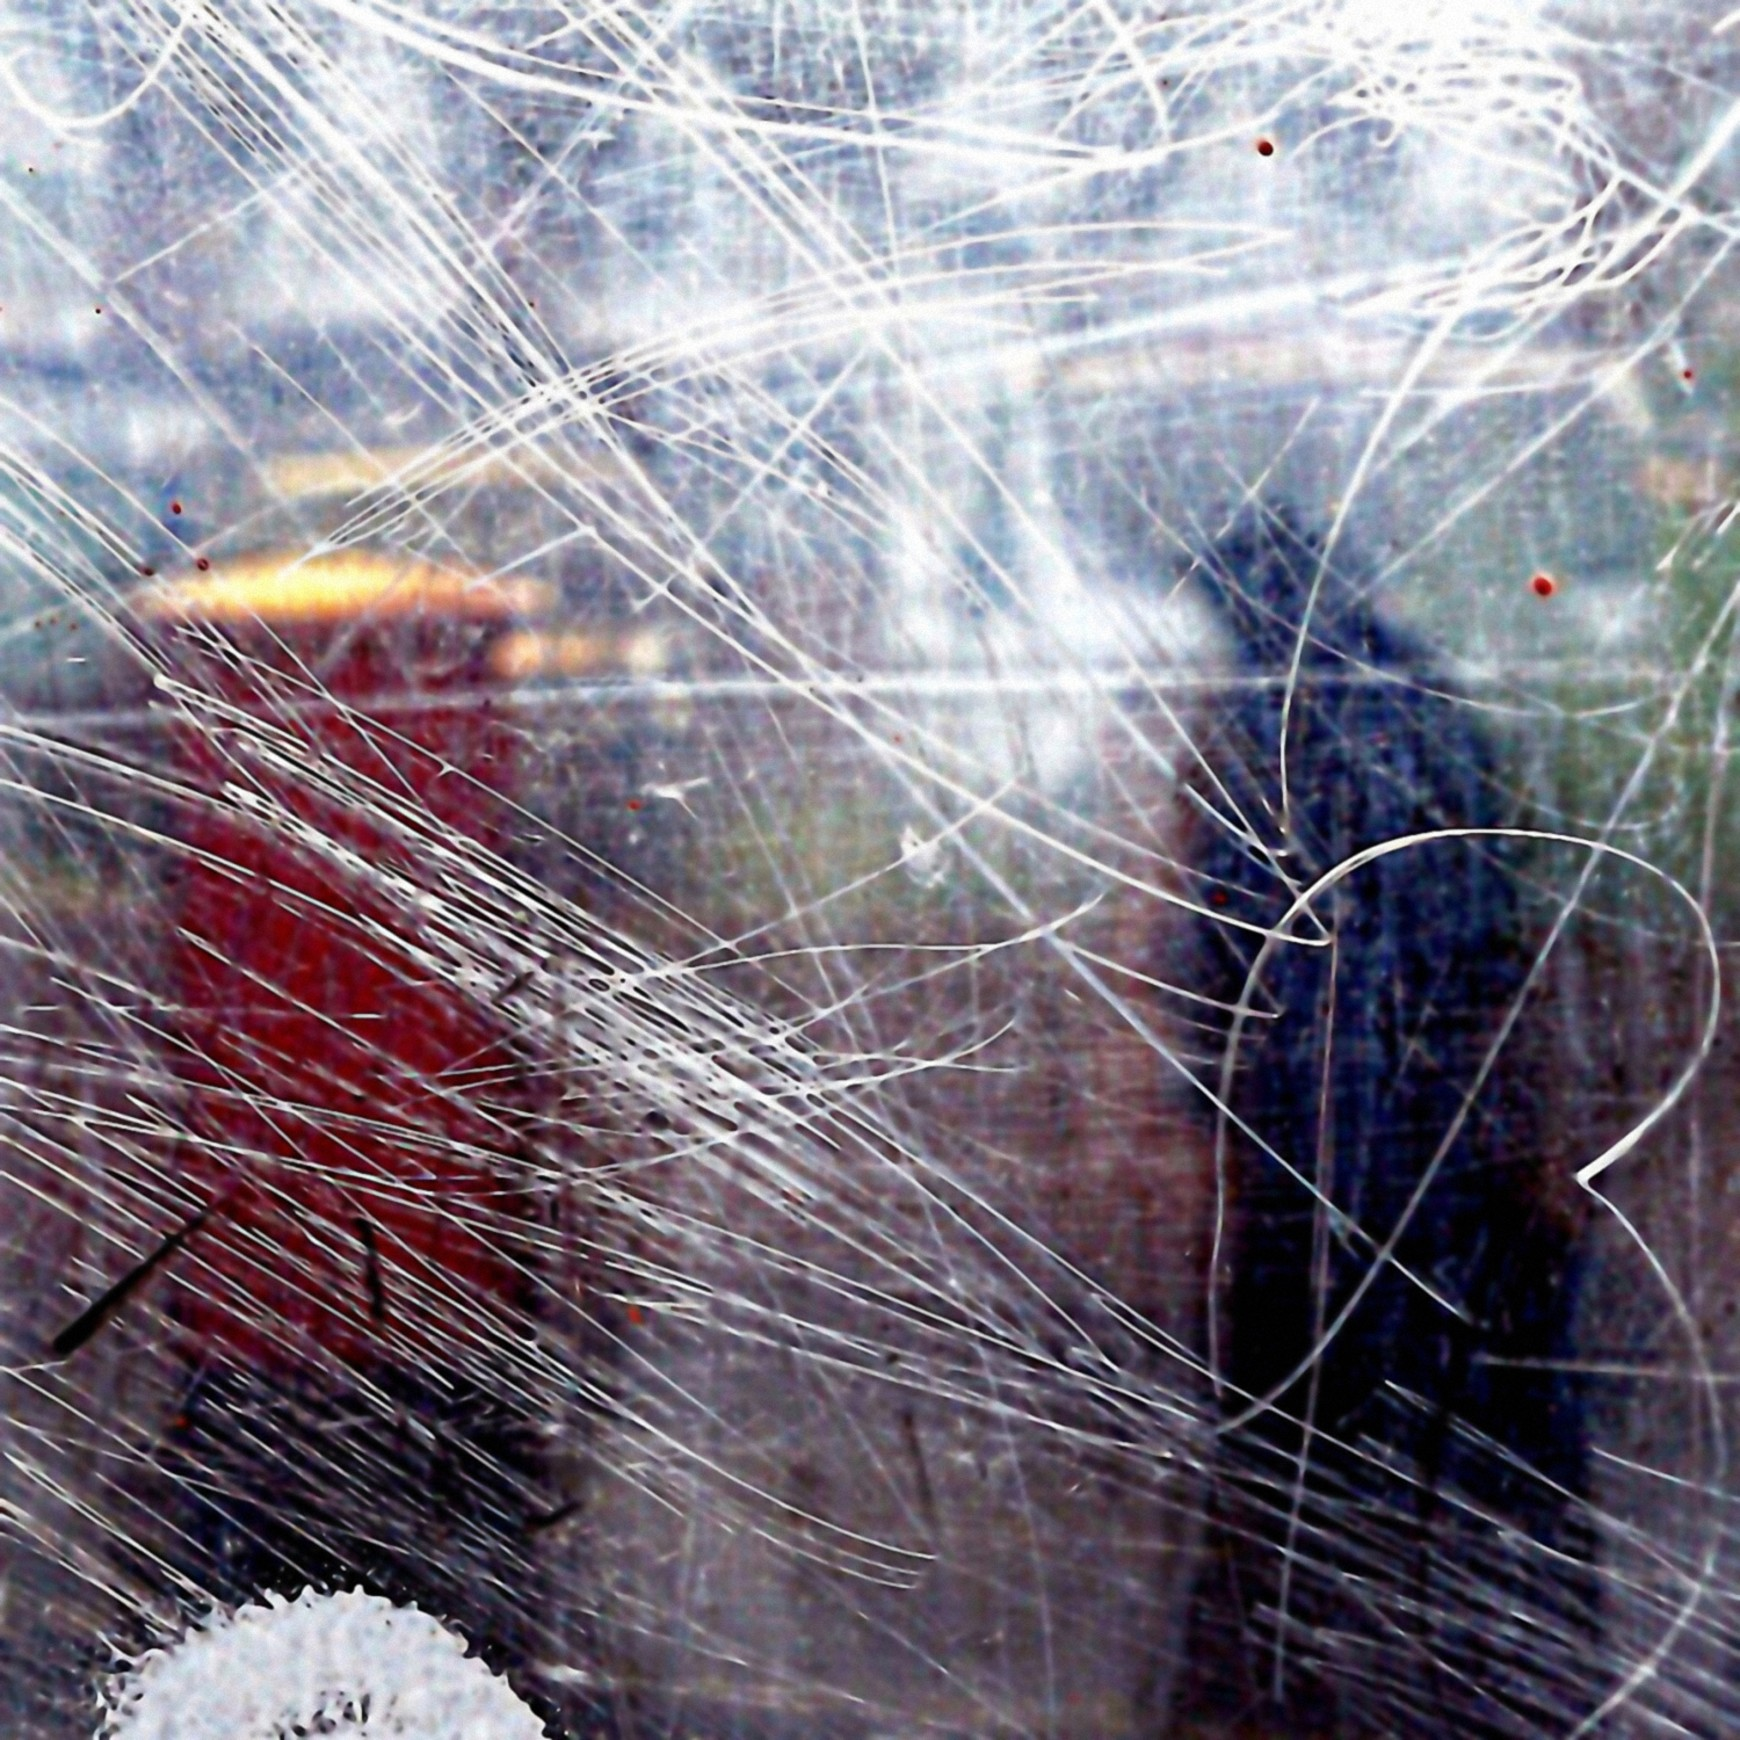 Bus Stop, il progetto anti-fotografico di Stephen Calcutt | Collater.al 4